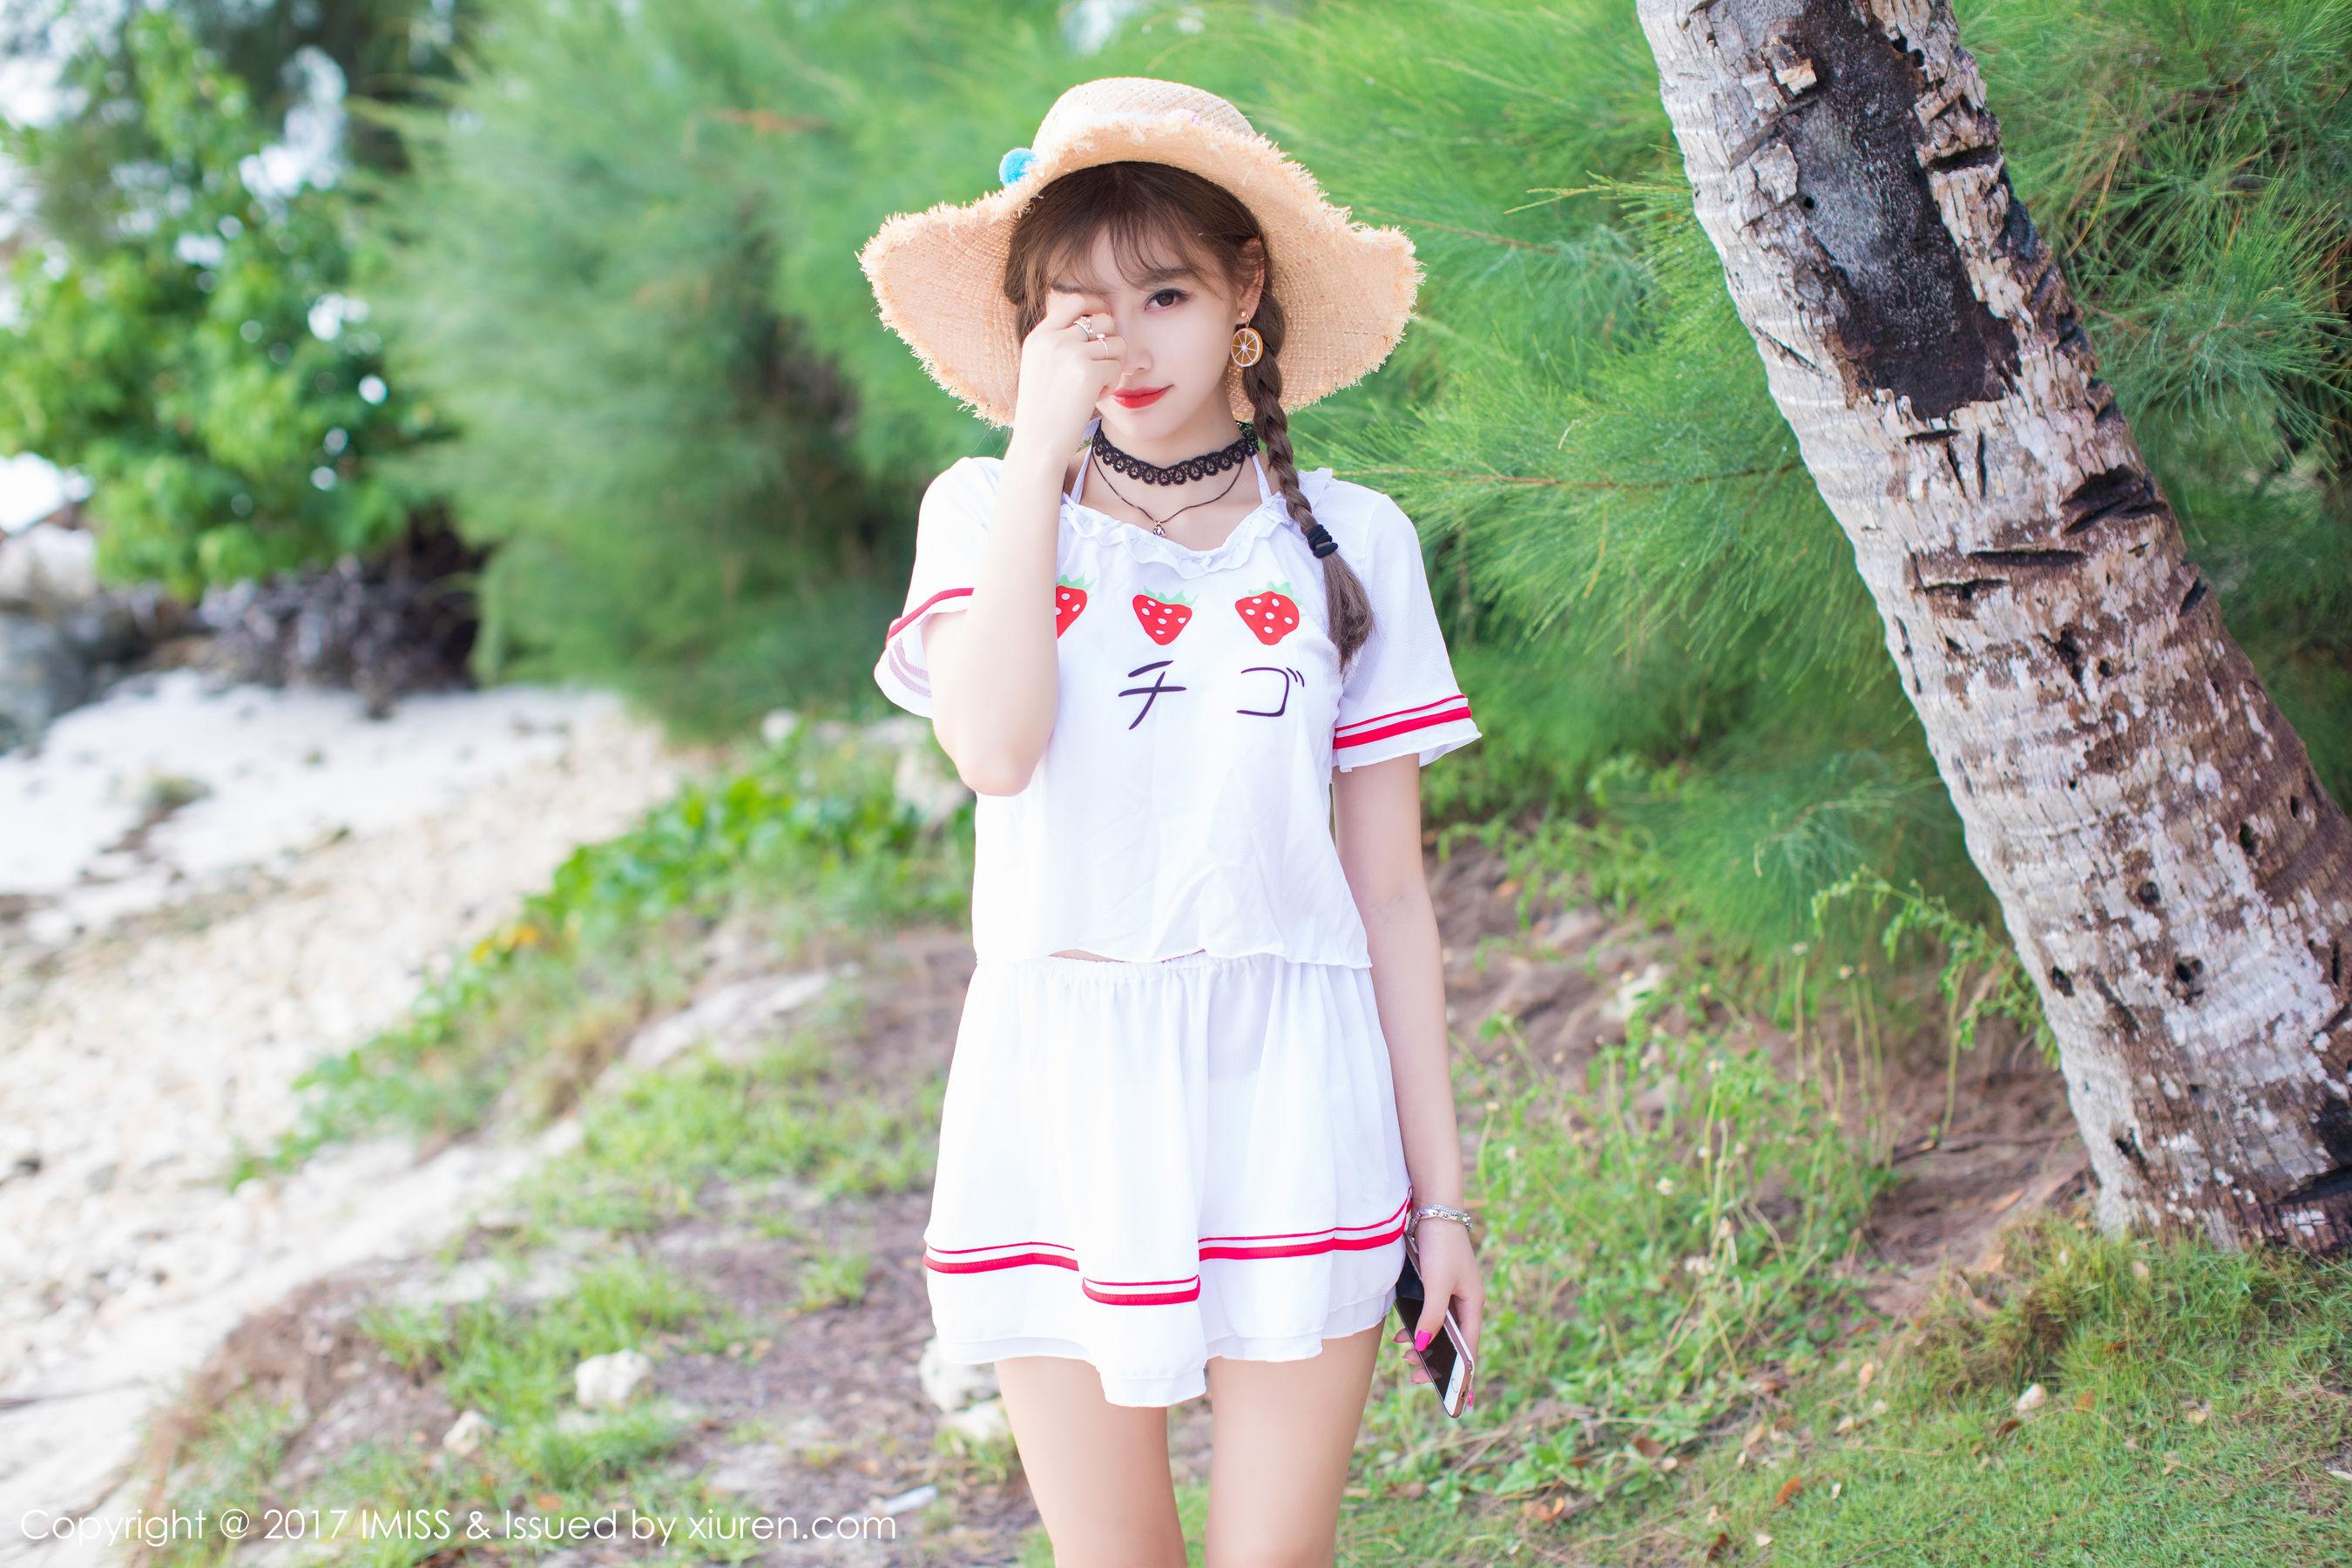 VOL.532 [爱蜜社]甜美清新阳光海边美女萌女双马尾香车美女:杨晨晨(sugar小甜心CC,杨晨晨sugar)高品质写真套图(42P)